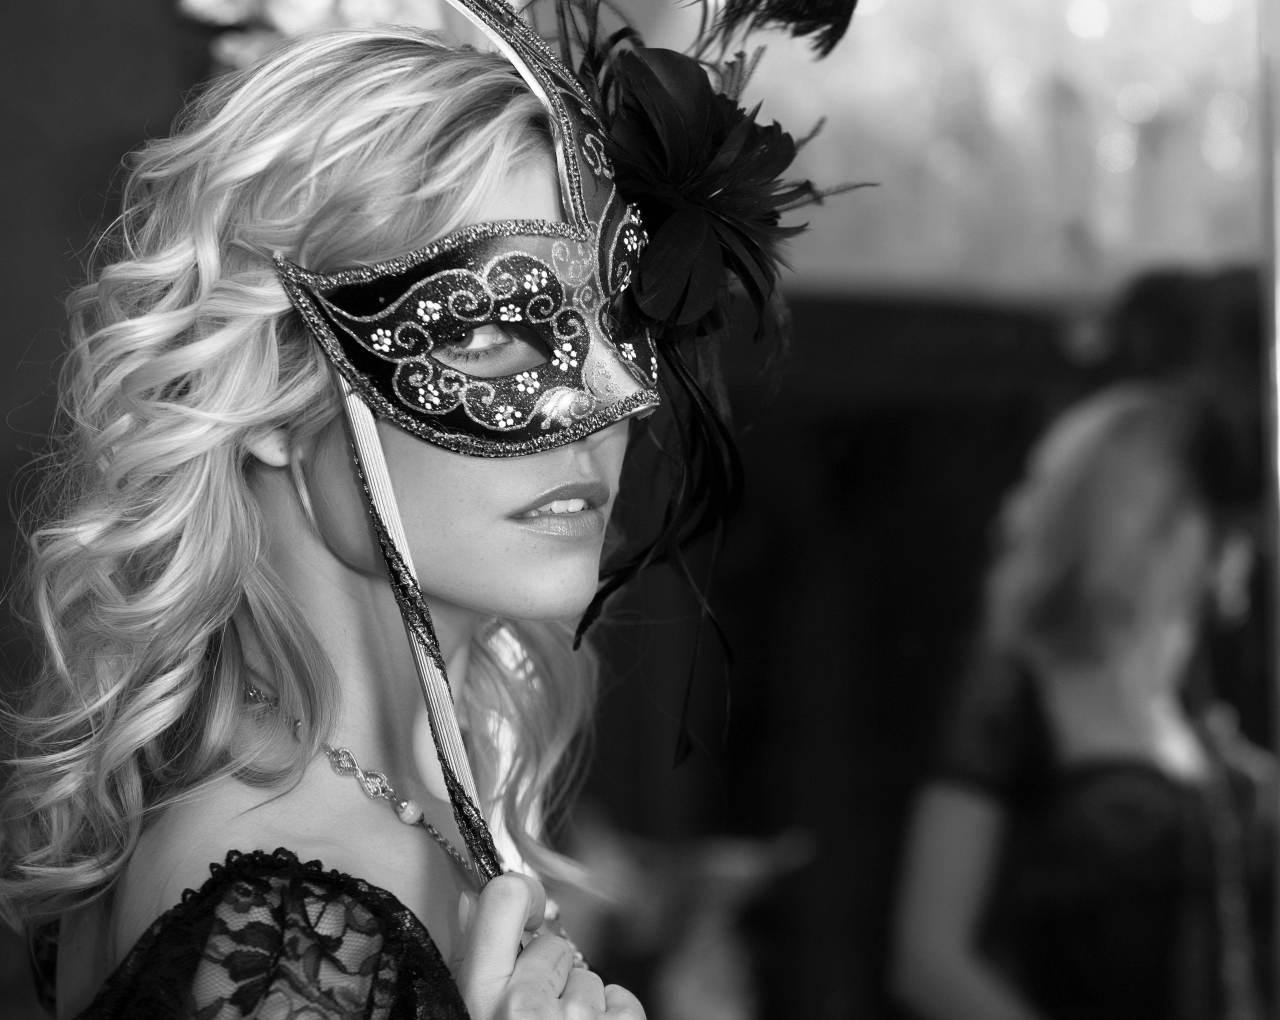 Девушка в маске на аву - лучшие фото